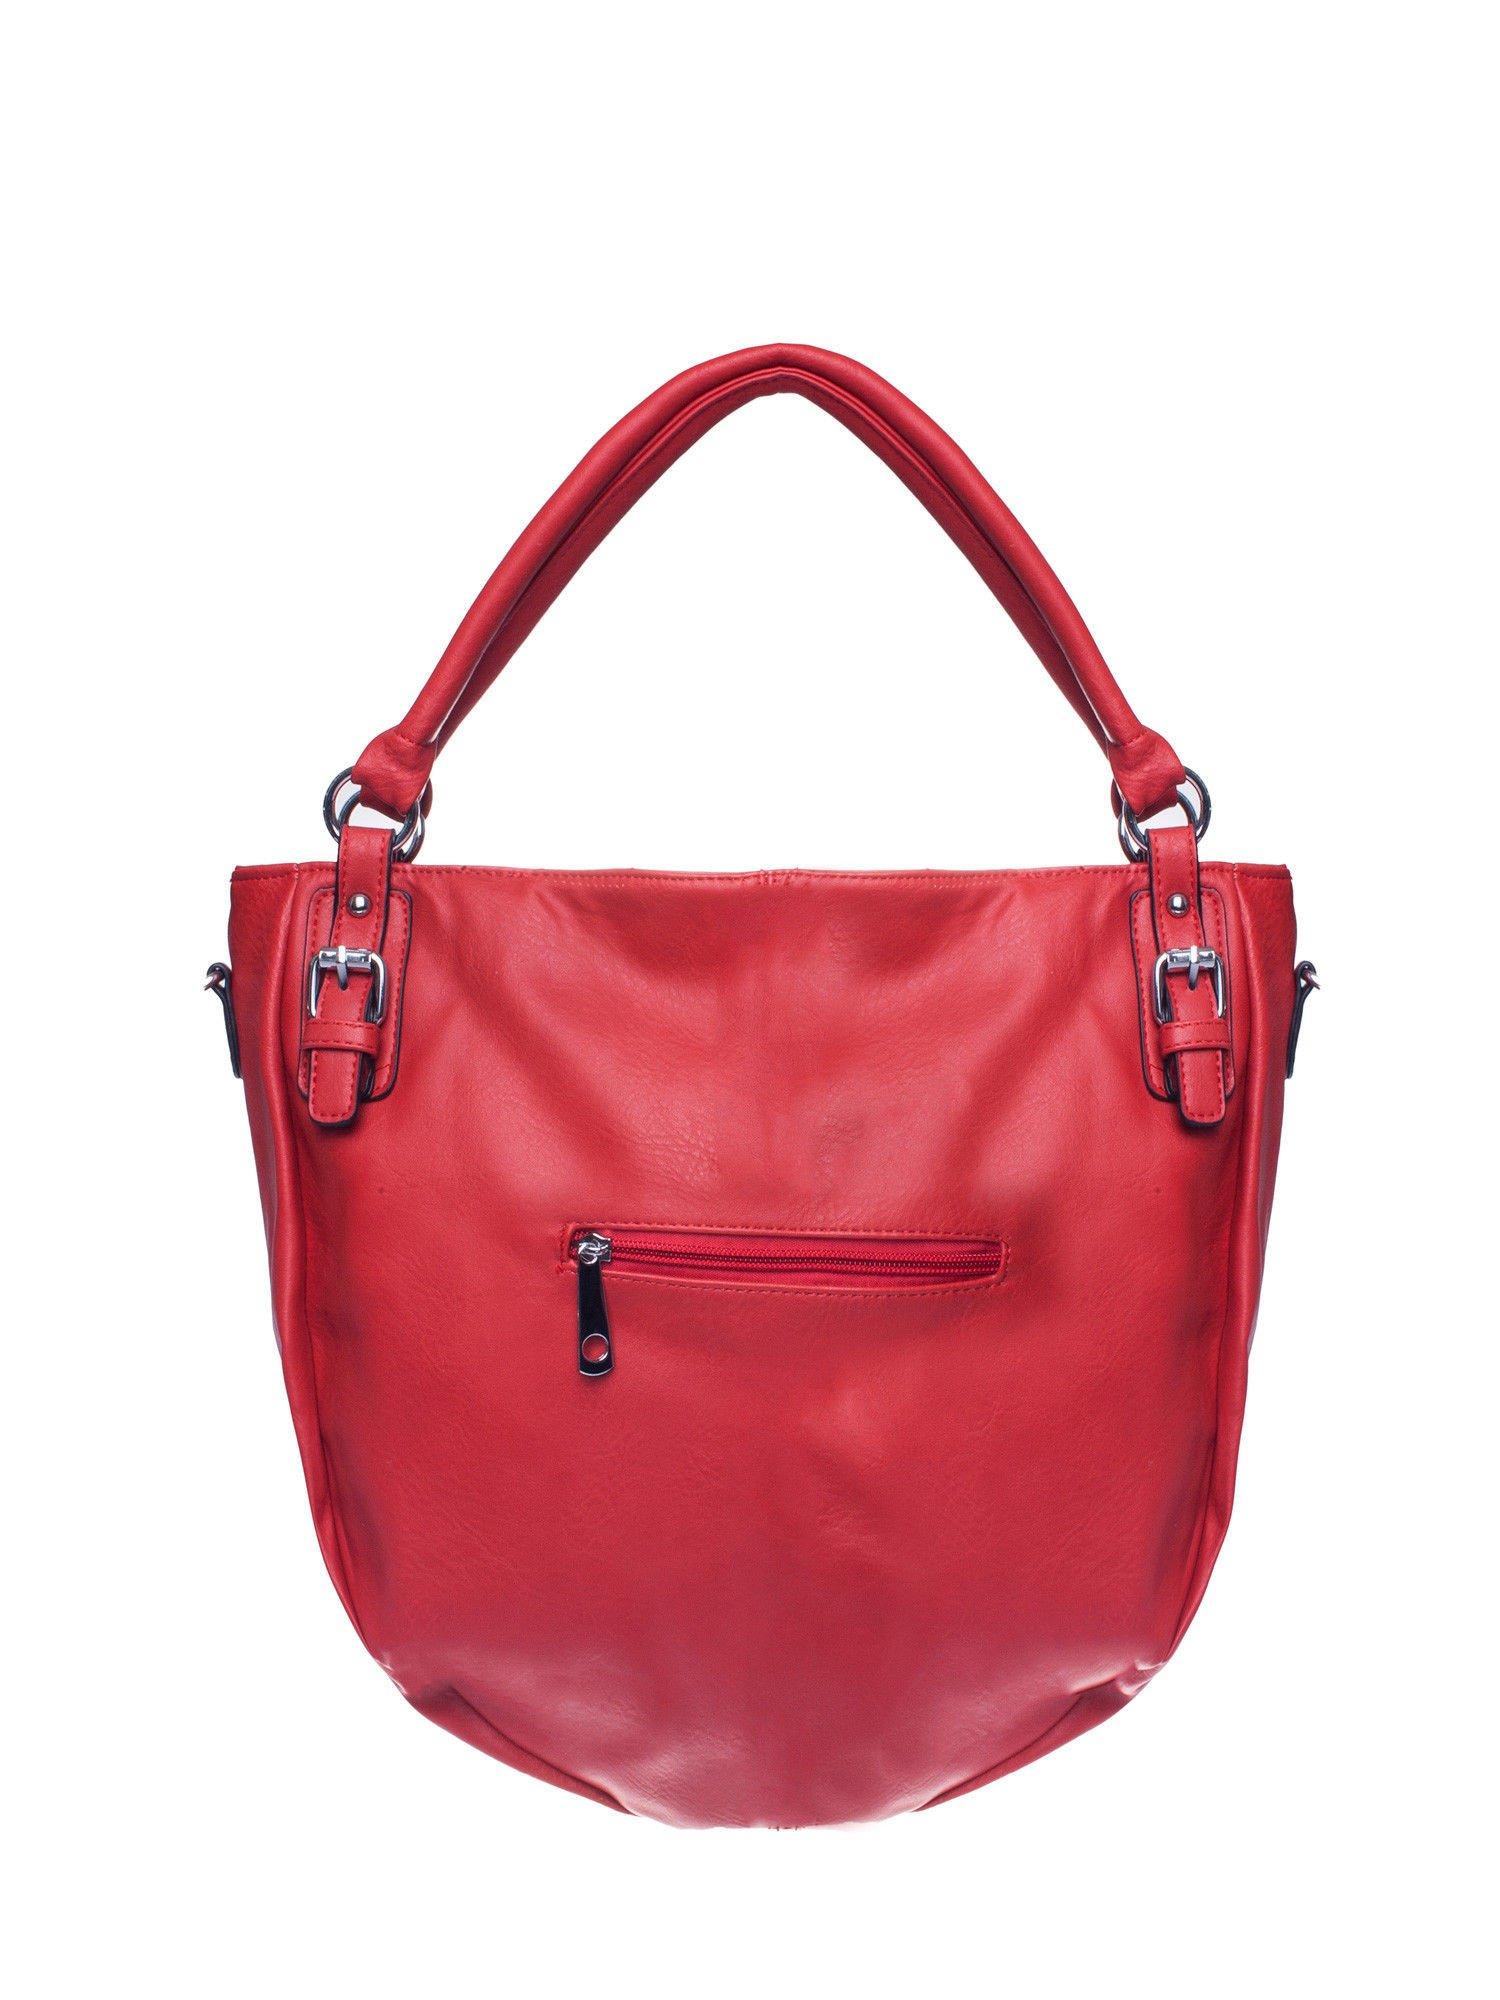 Czerwona torebka miejska z odpinanym paskiem                                  zdj.                                  2